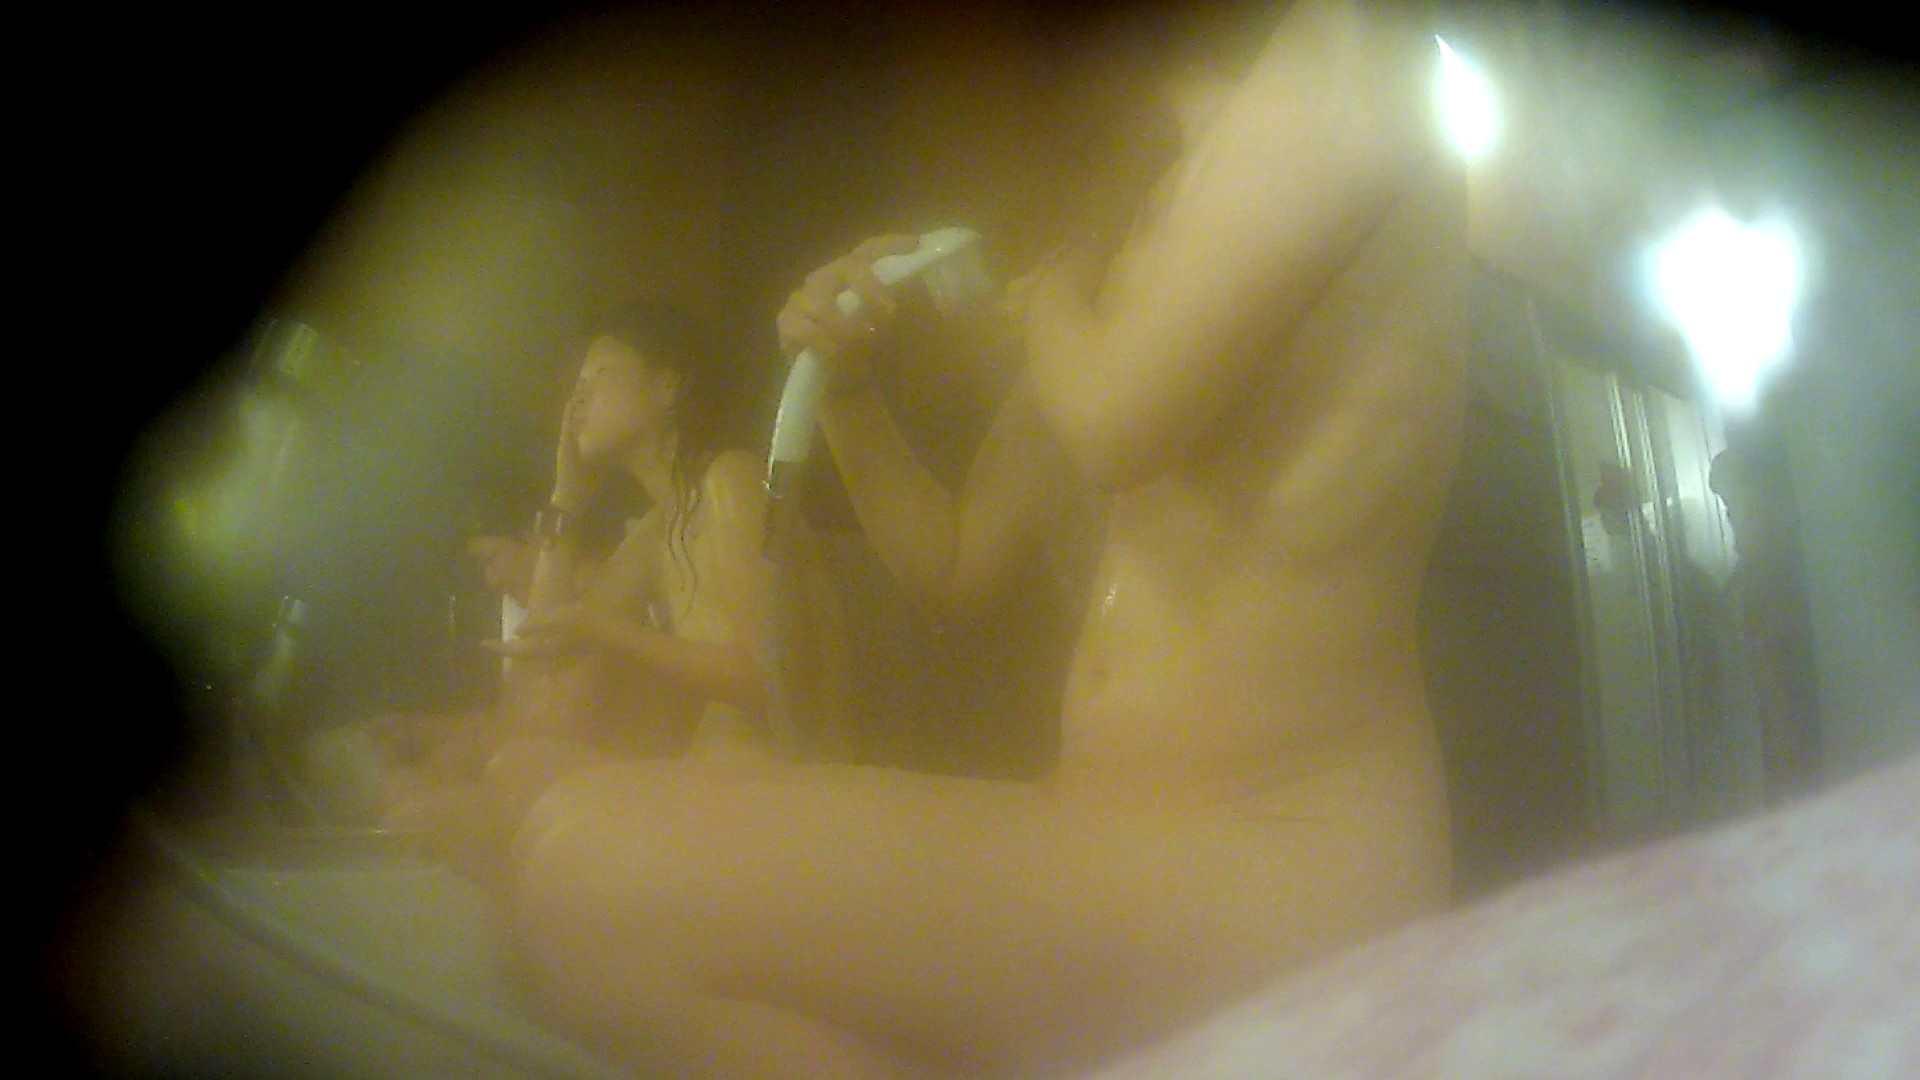 洗い場!前半のモヤを吹き飛ばす美貧乳お嬢さん 銭湯 覗きワレメ動画紹介 102pic 5